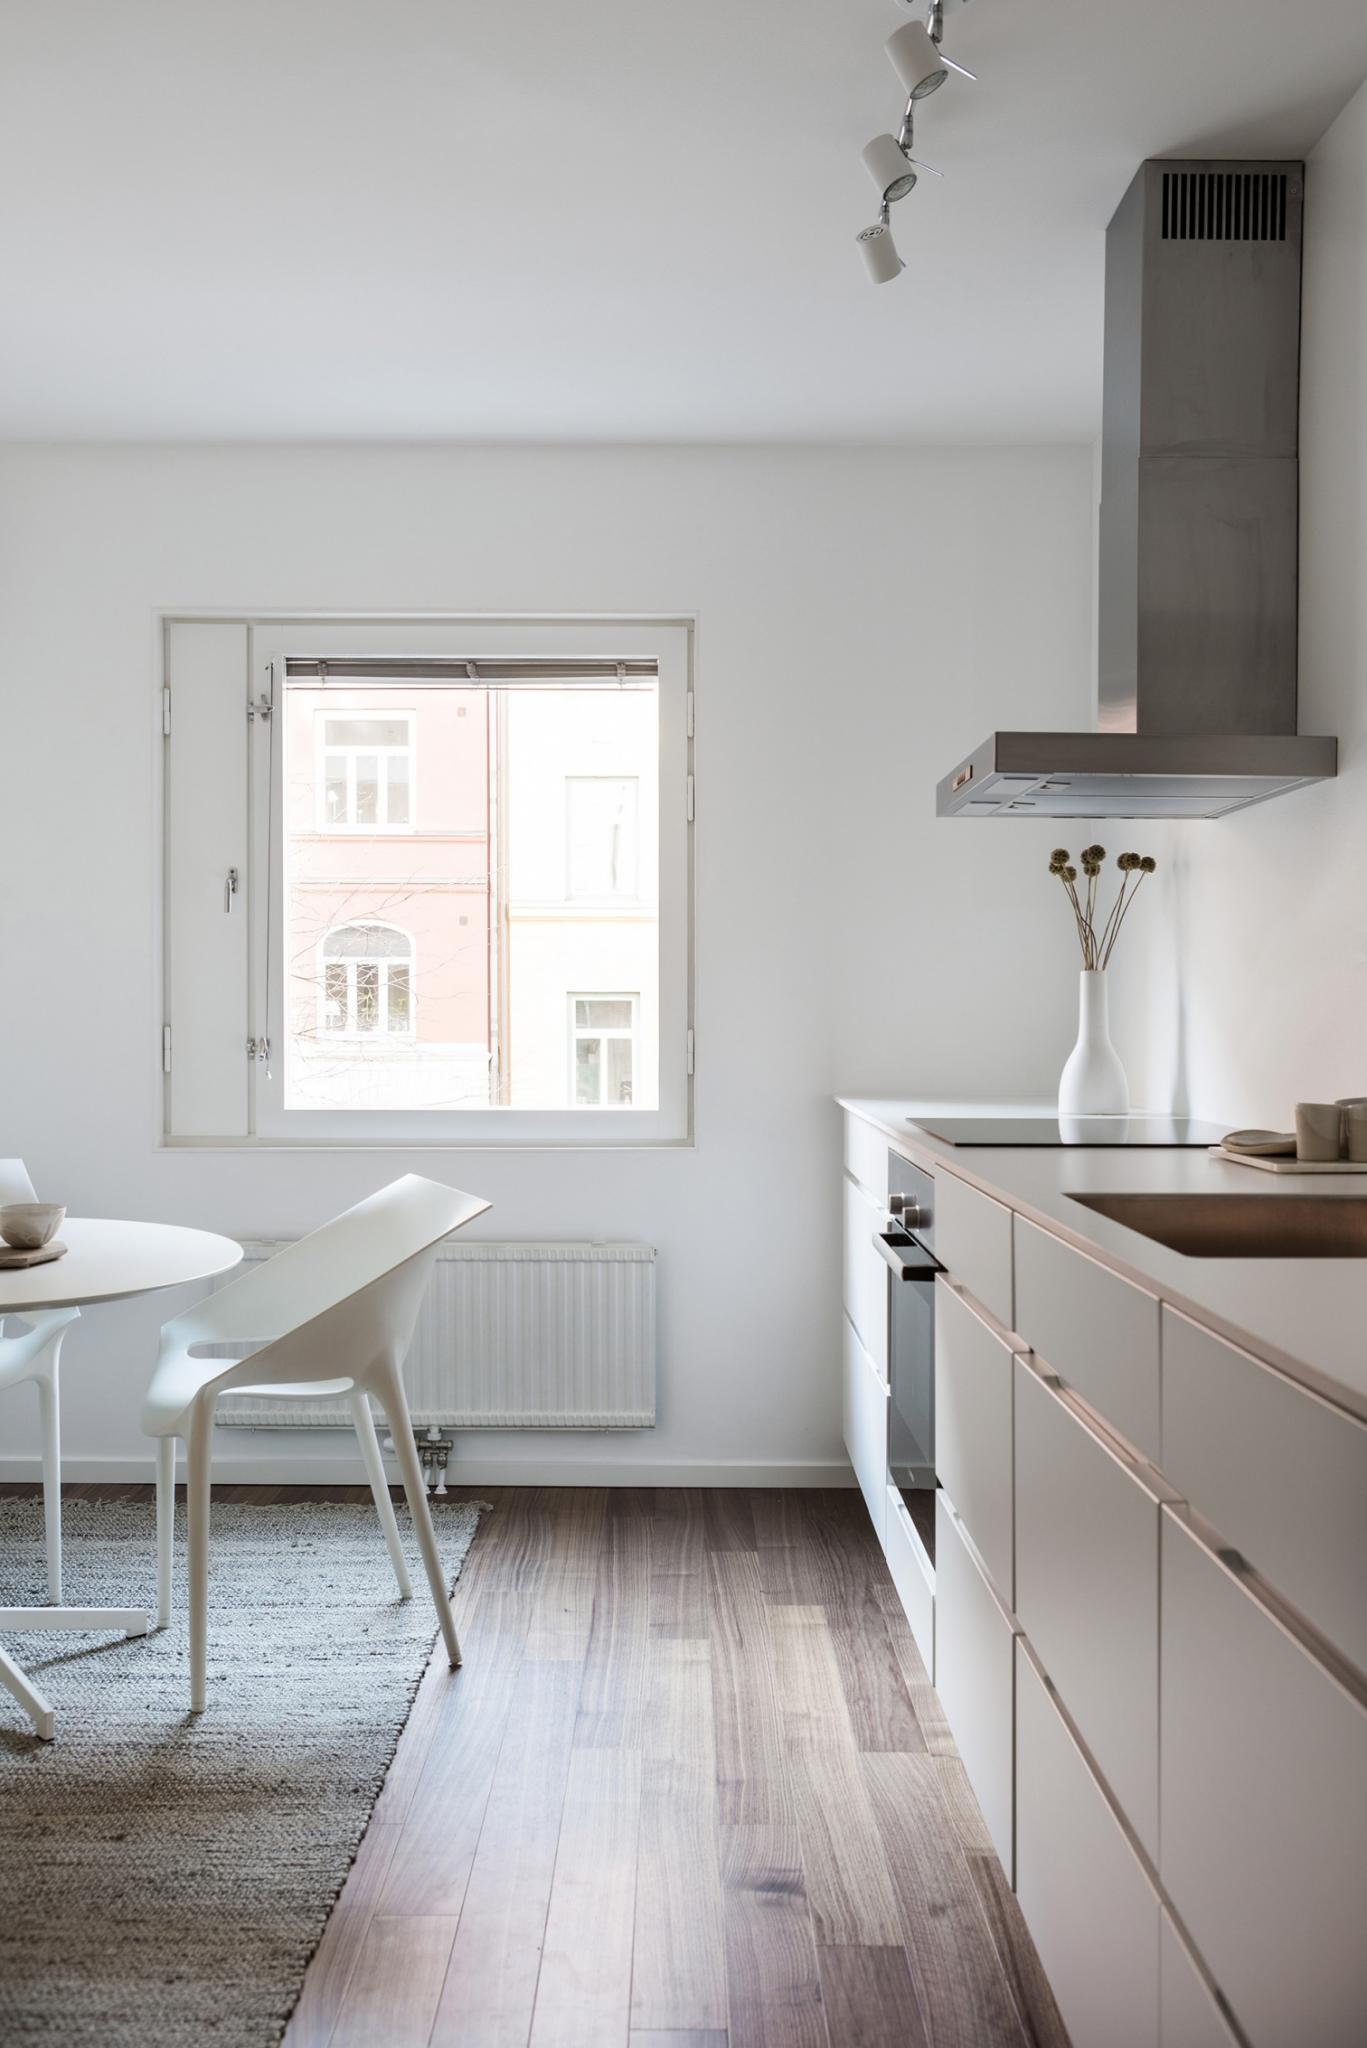 Klein modern appartement van 55m2 interieur inrichting - Van interieur appartement ...